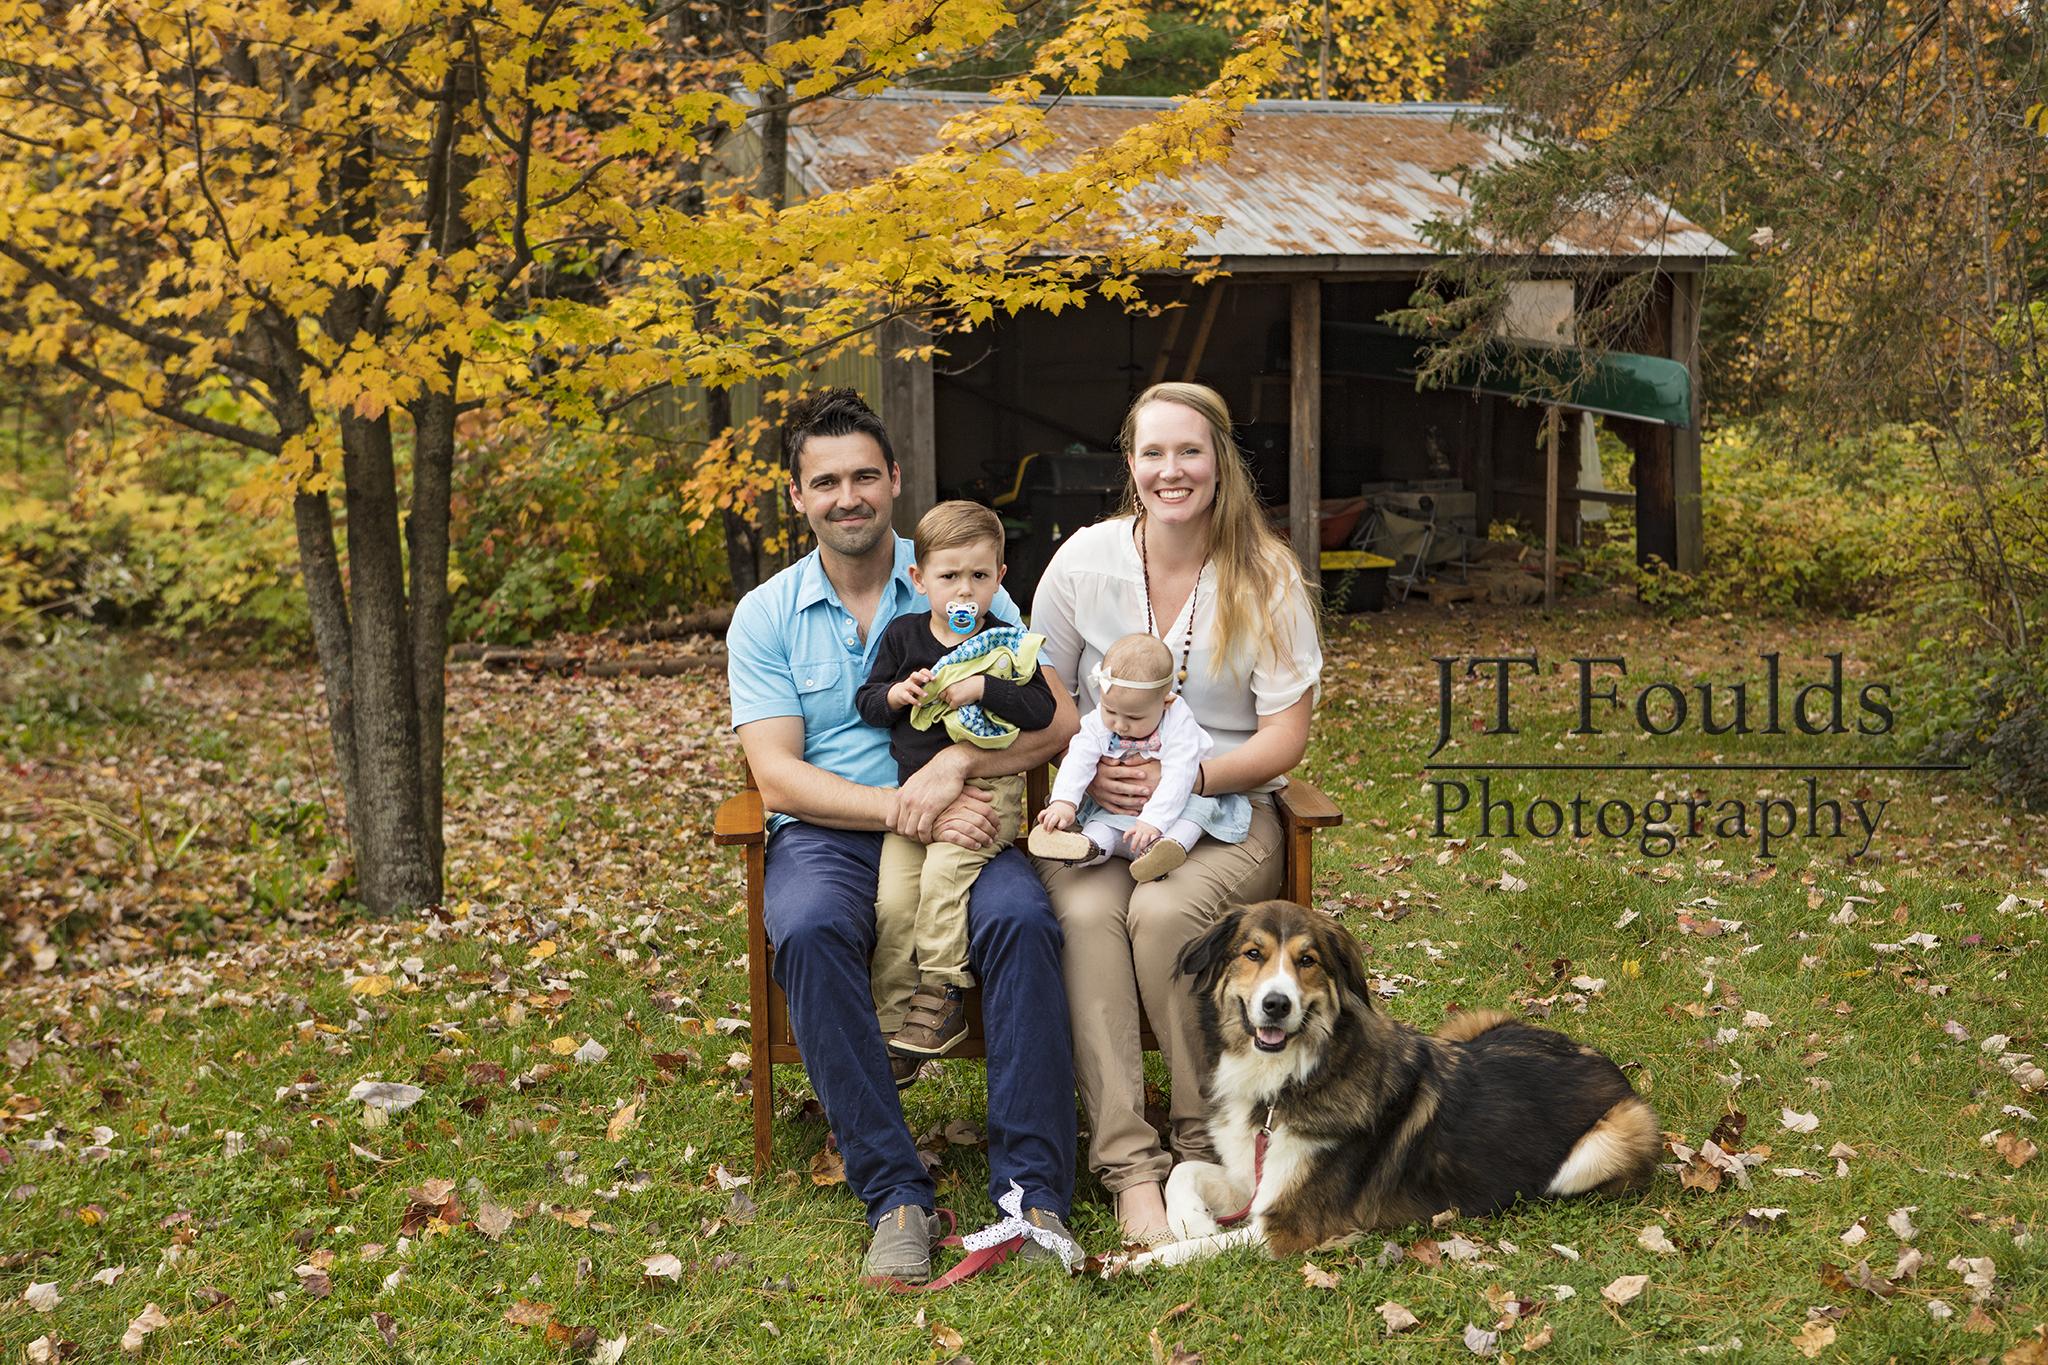 Amaral Family Shoot - 21 Oct '17 - 03.JPG